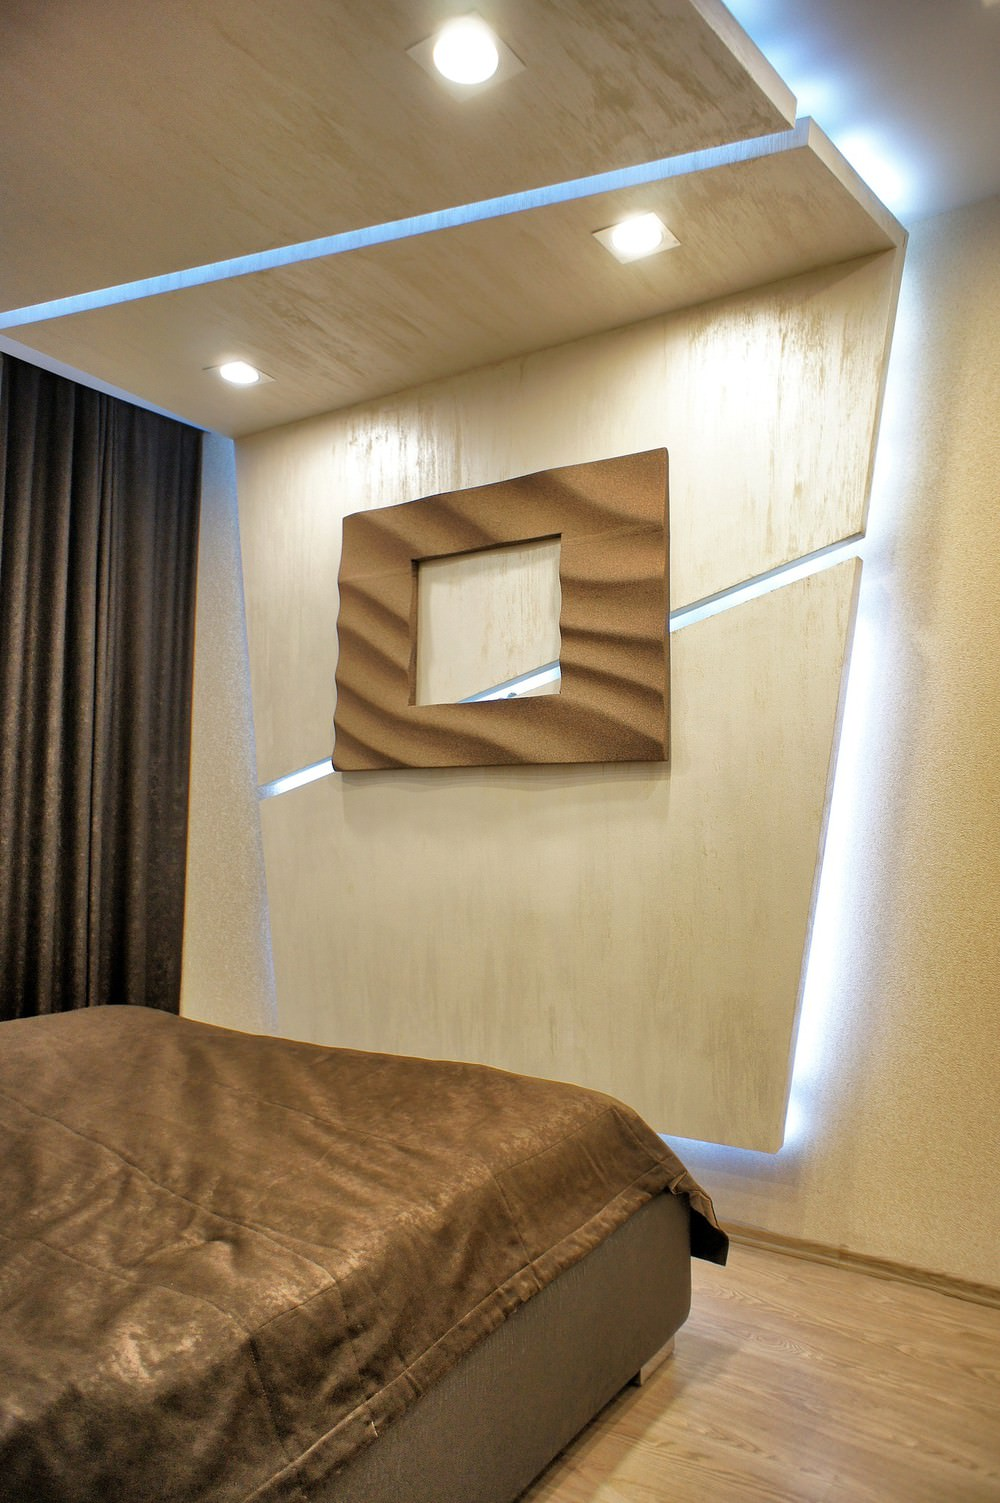 apartament-s-moderen-dizain-i-dinamichno-led-osvetlenie-910g